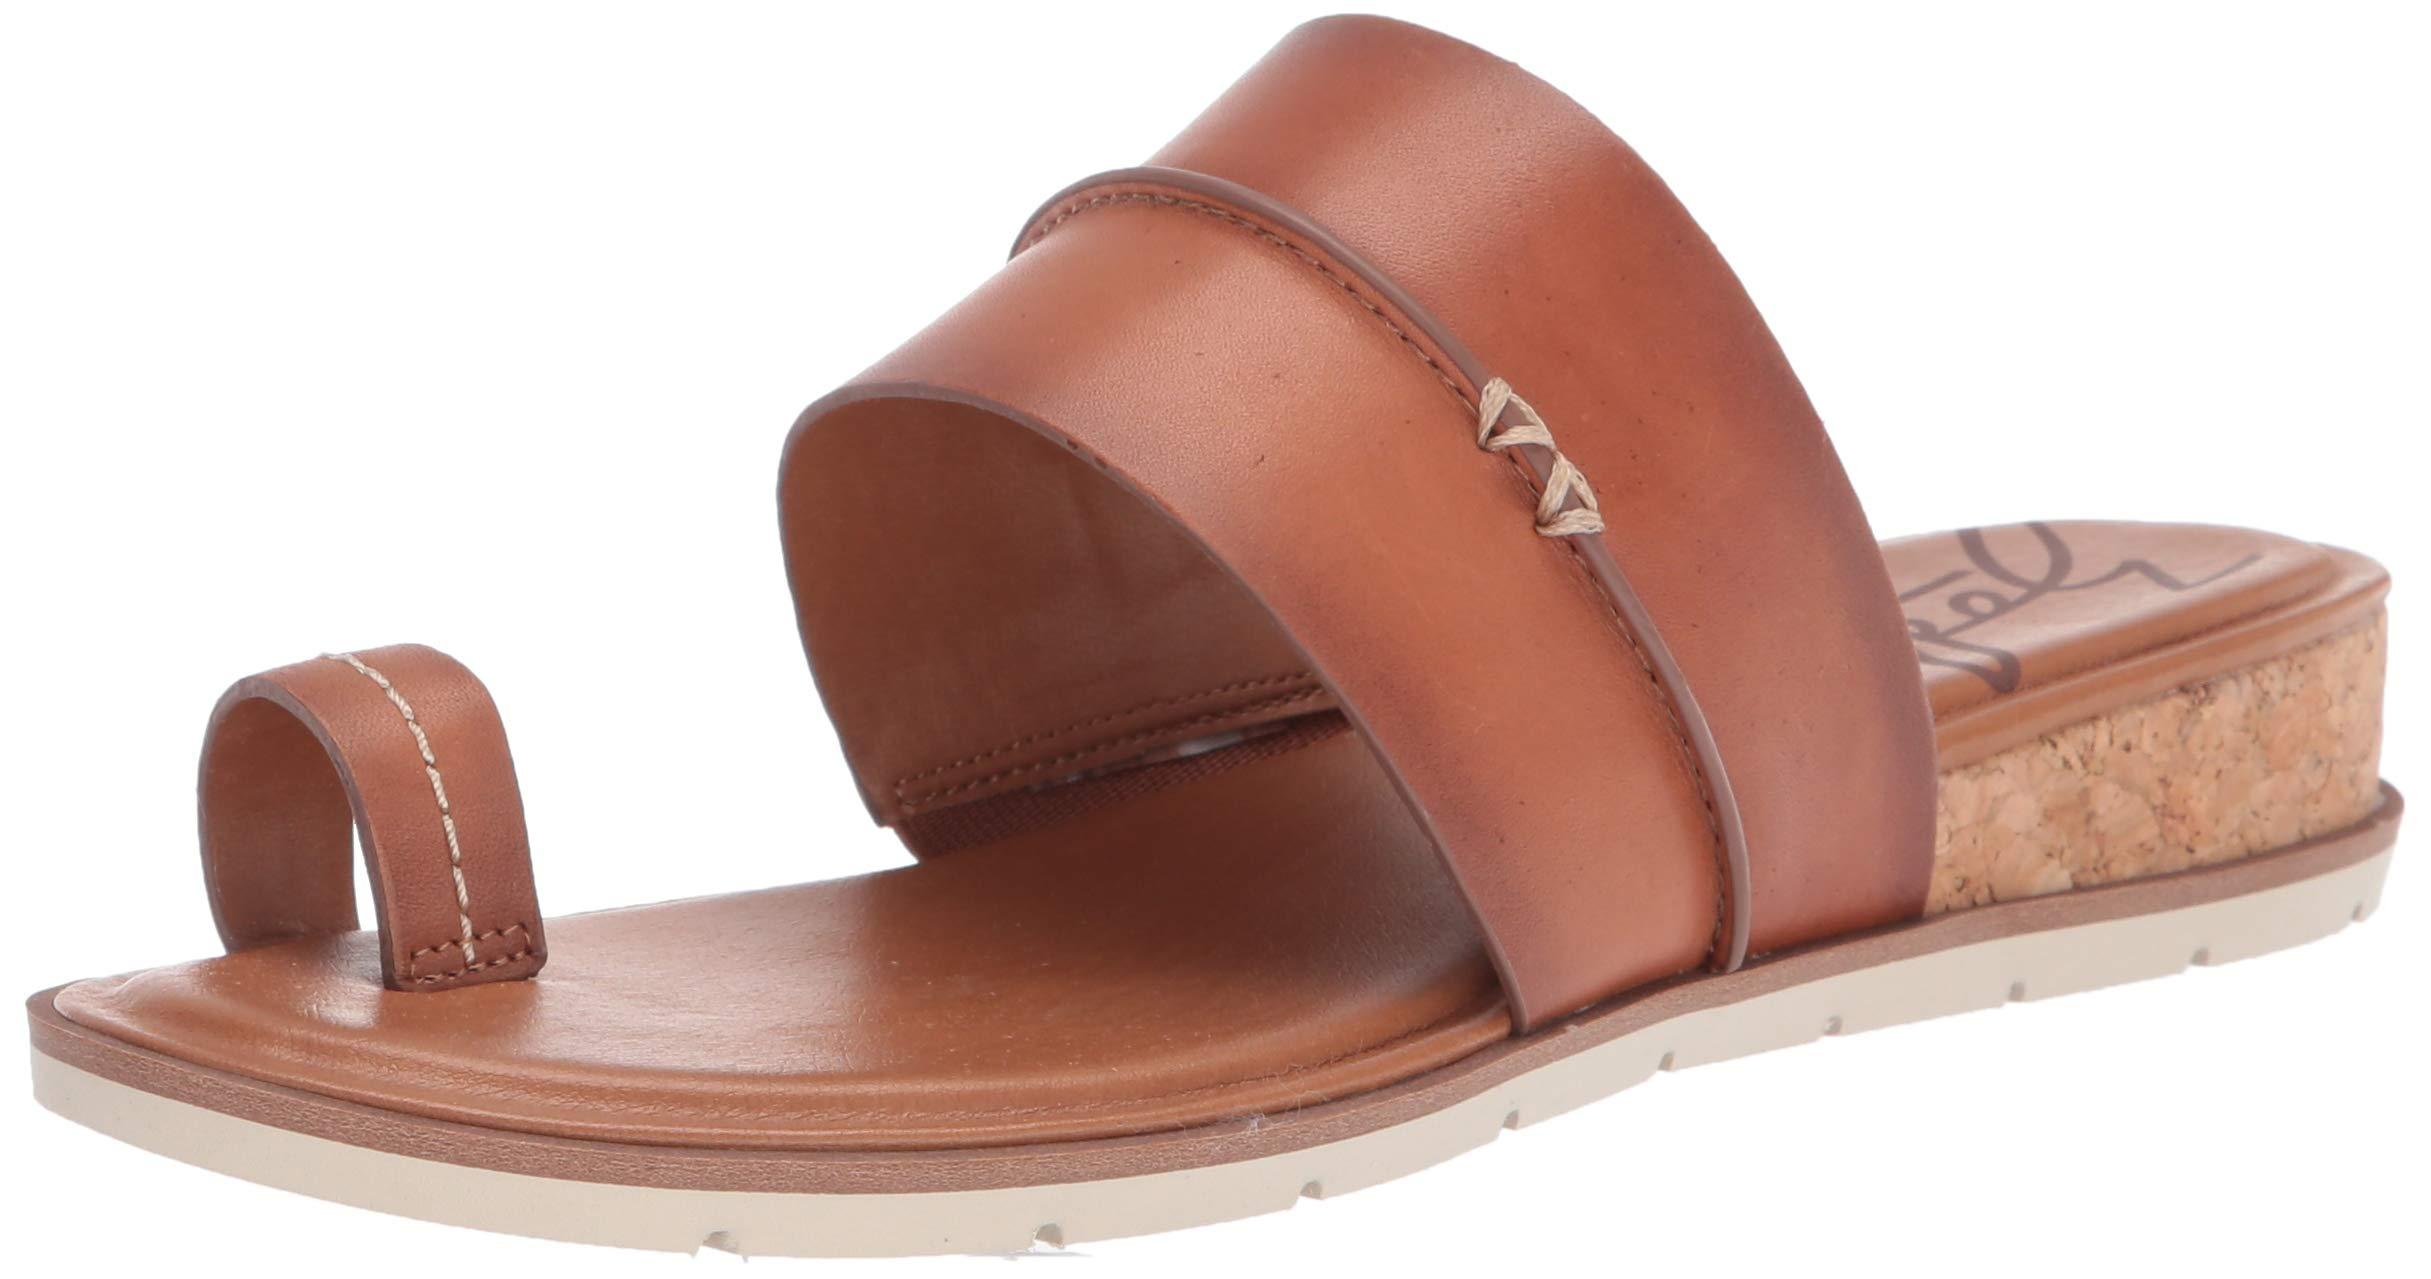 Zodiac Women's Slide Sandal